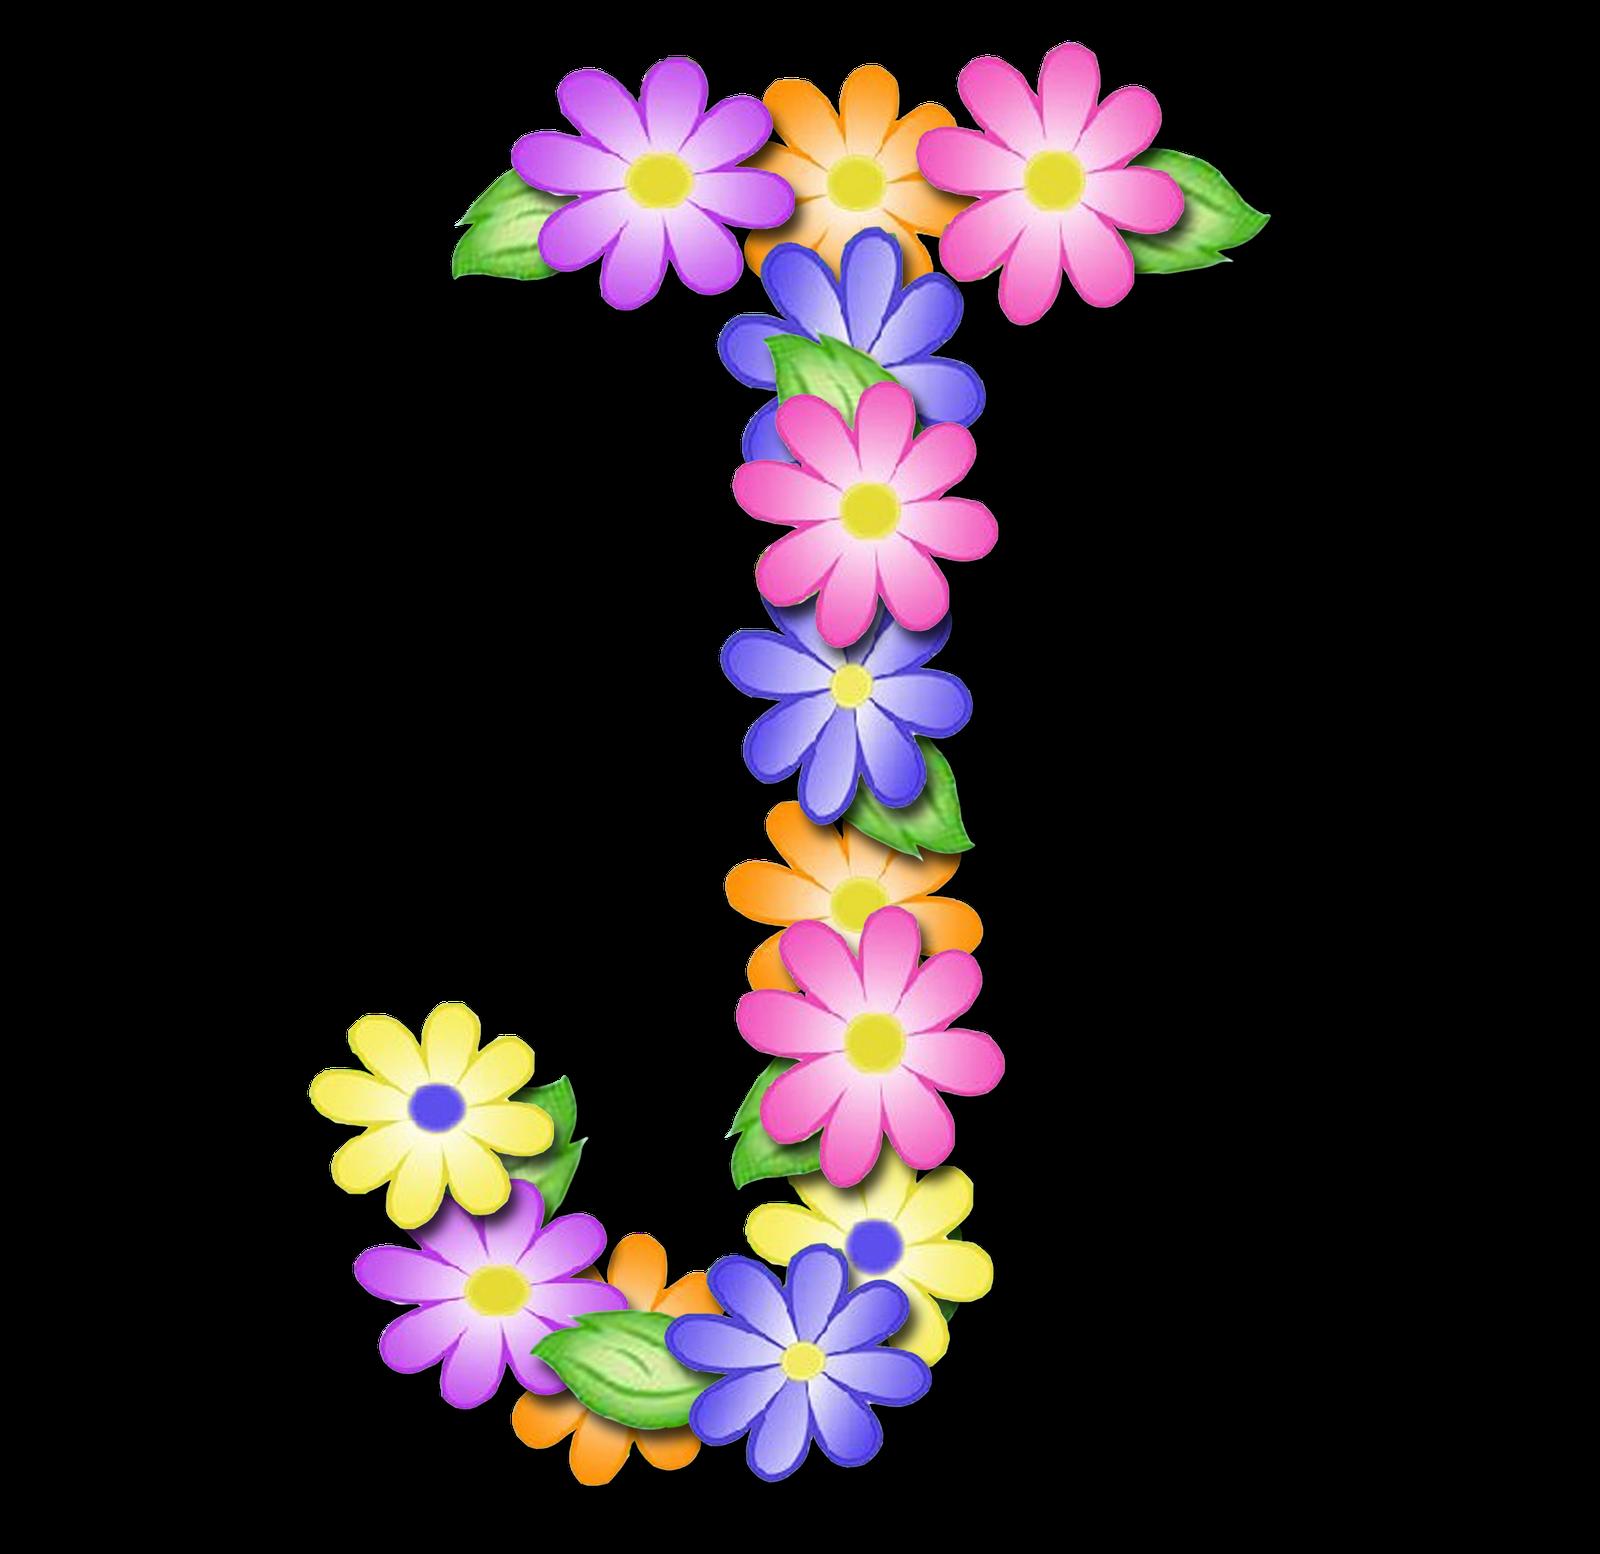 صور الحروف الإنجليزية بأجمل الزهور والورود بخلفية شفافة بنج png وجودة عالية للمصممين :: إبحث عن حروف إسمك بالإنجليزية J